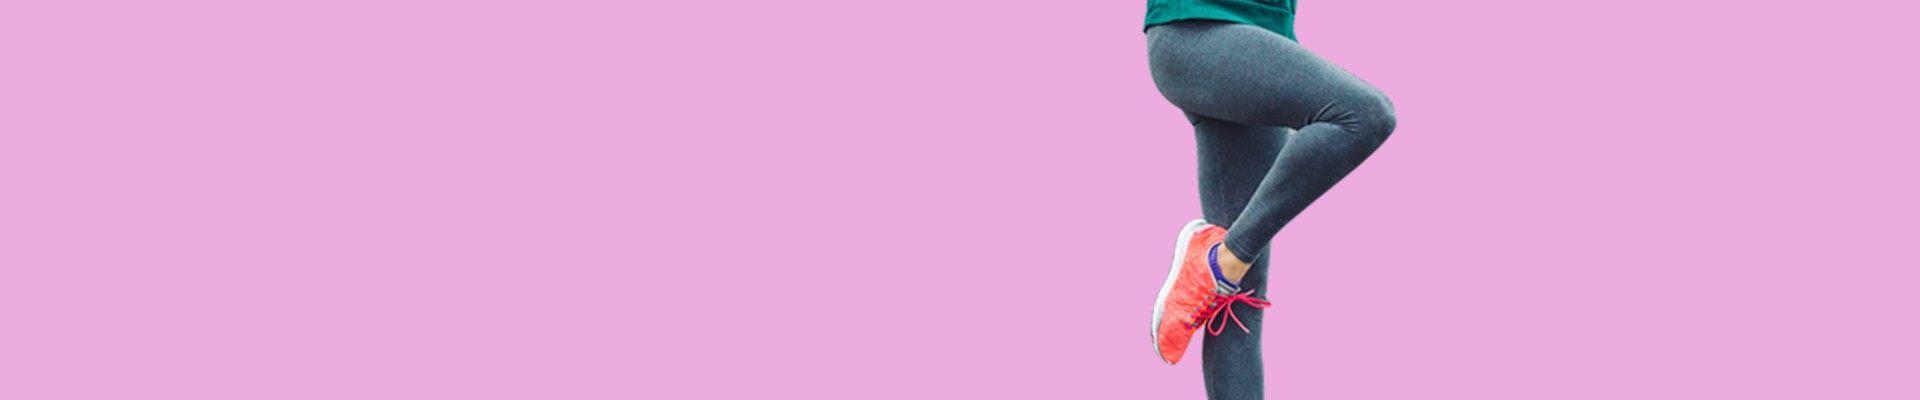 Jual Legging Wanita Online - Pilihan Terlengkap